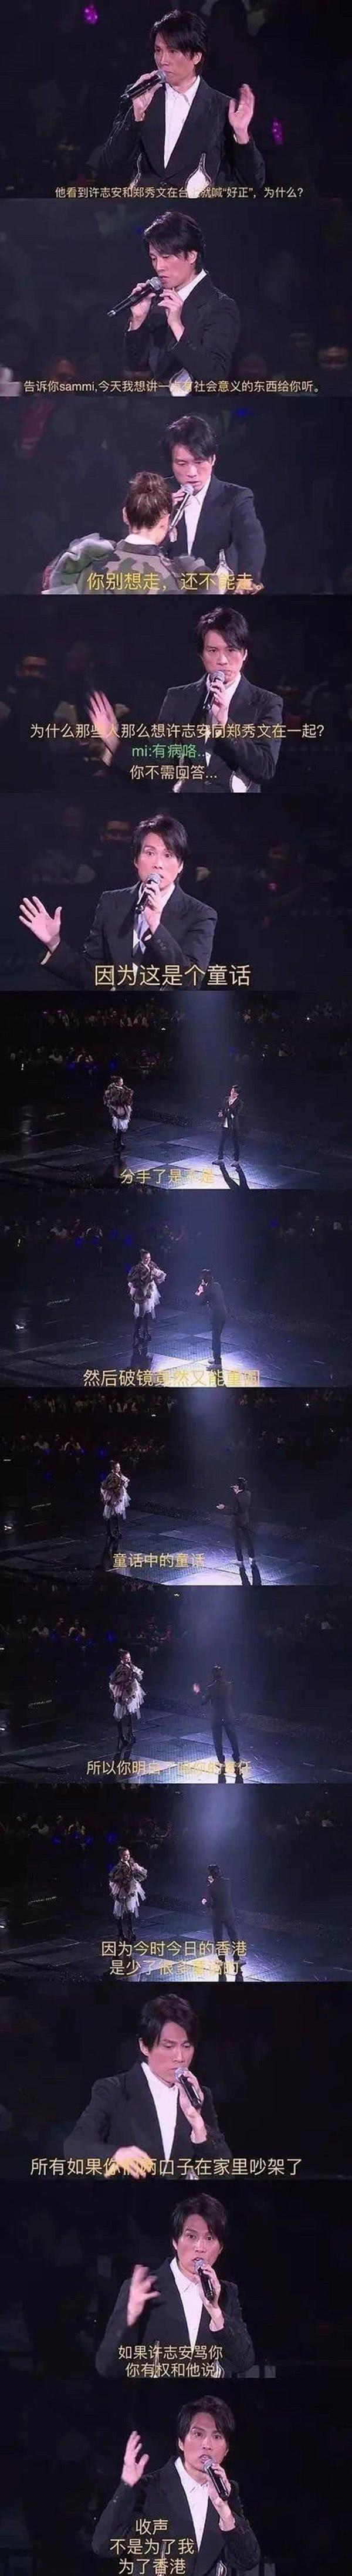 """许志安出轨郑秀文选择原谅!他们的感情是香港最后的""""童话""""?"""